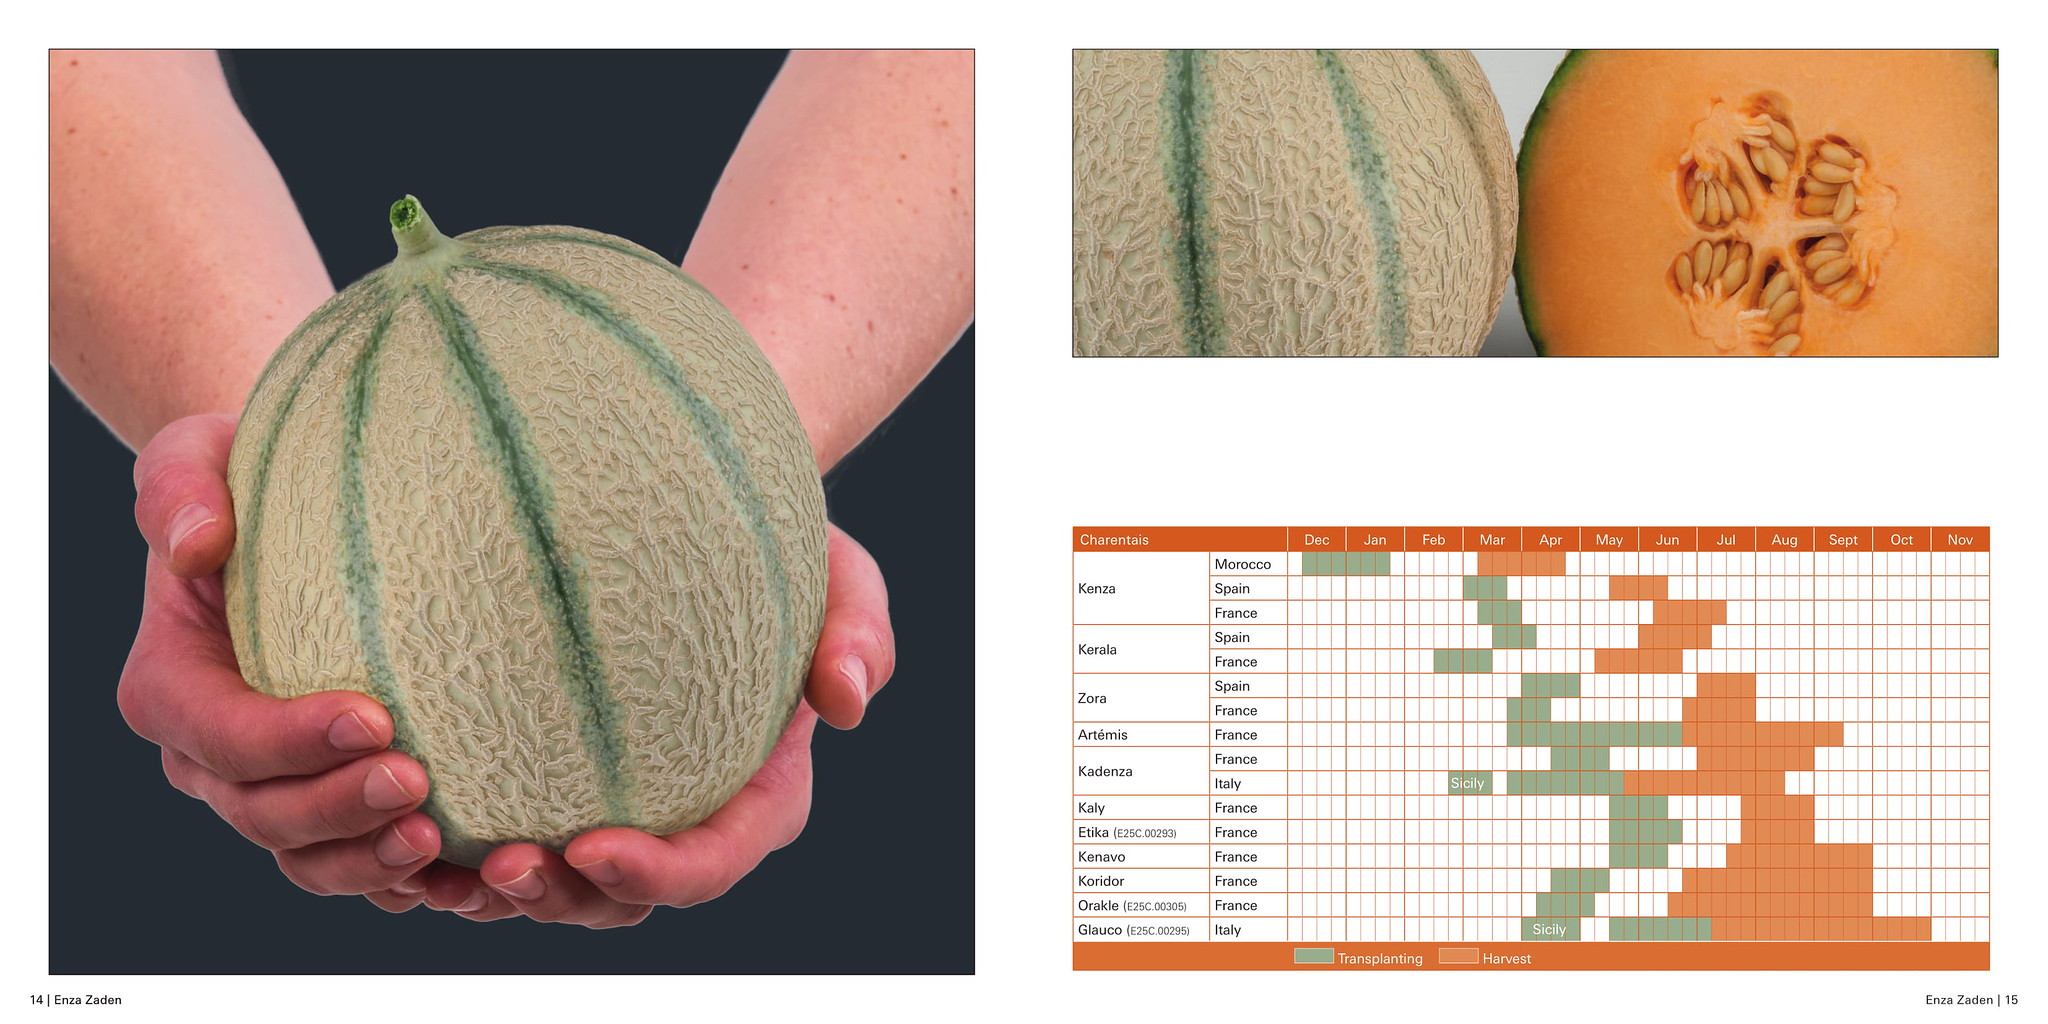 เมล็ดพันธุ์เมล่อน (Melon Seeds)